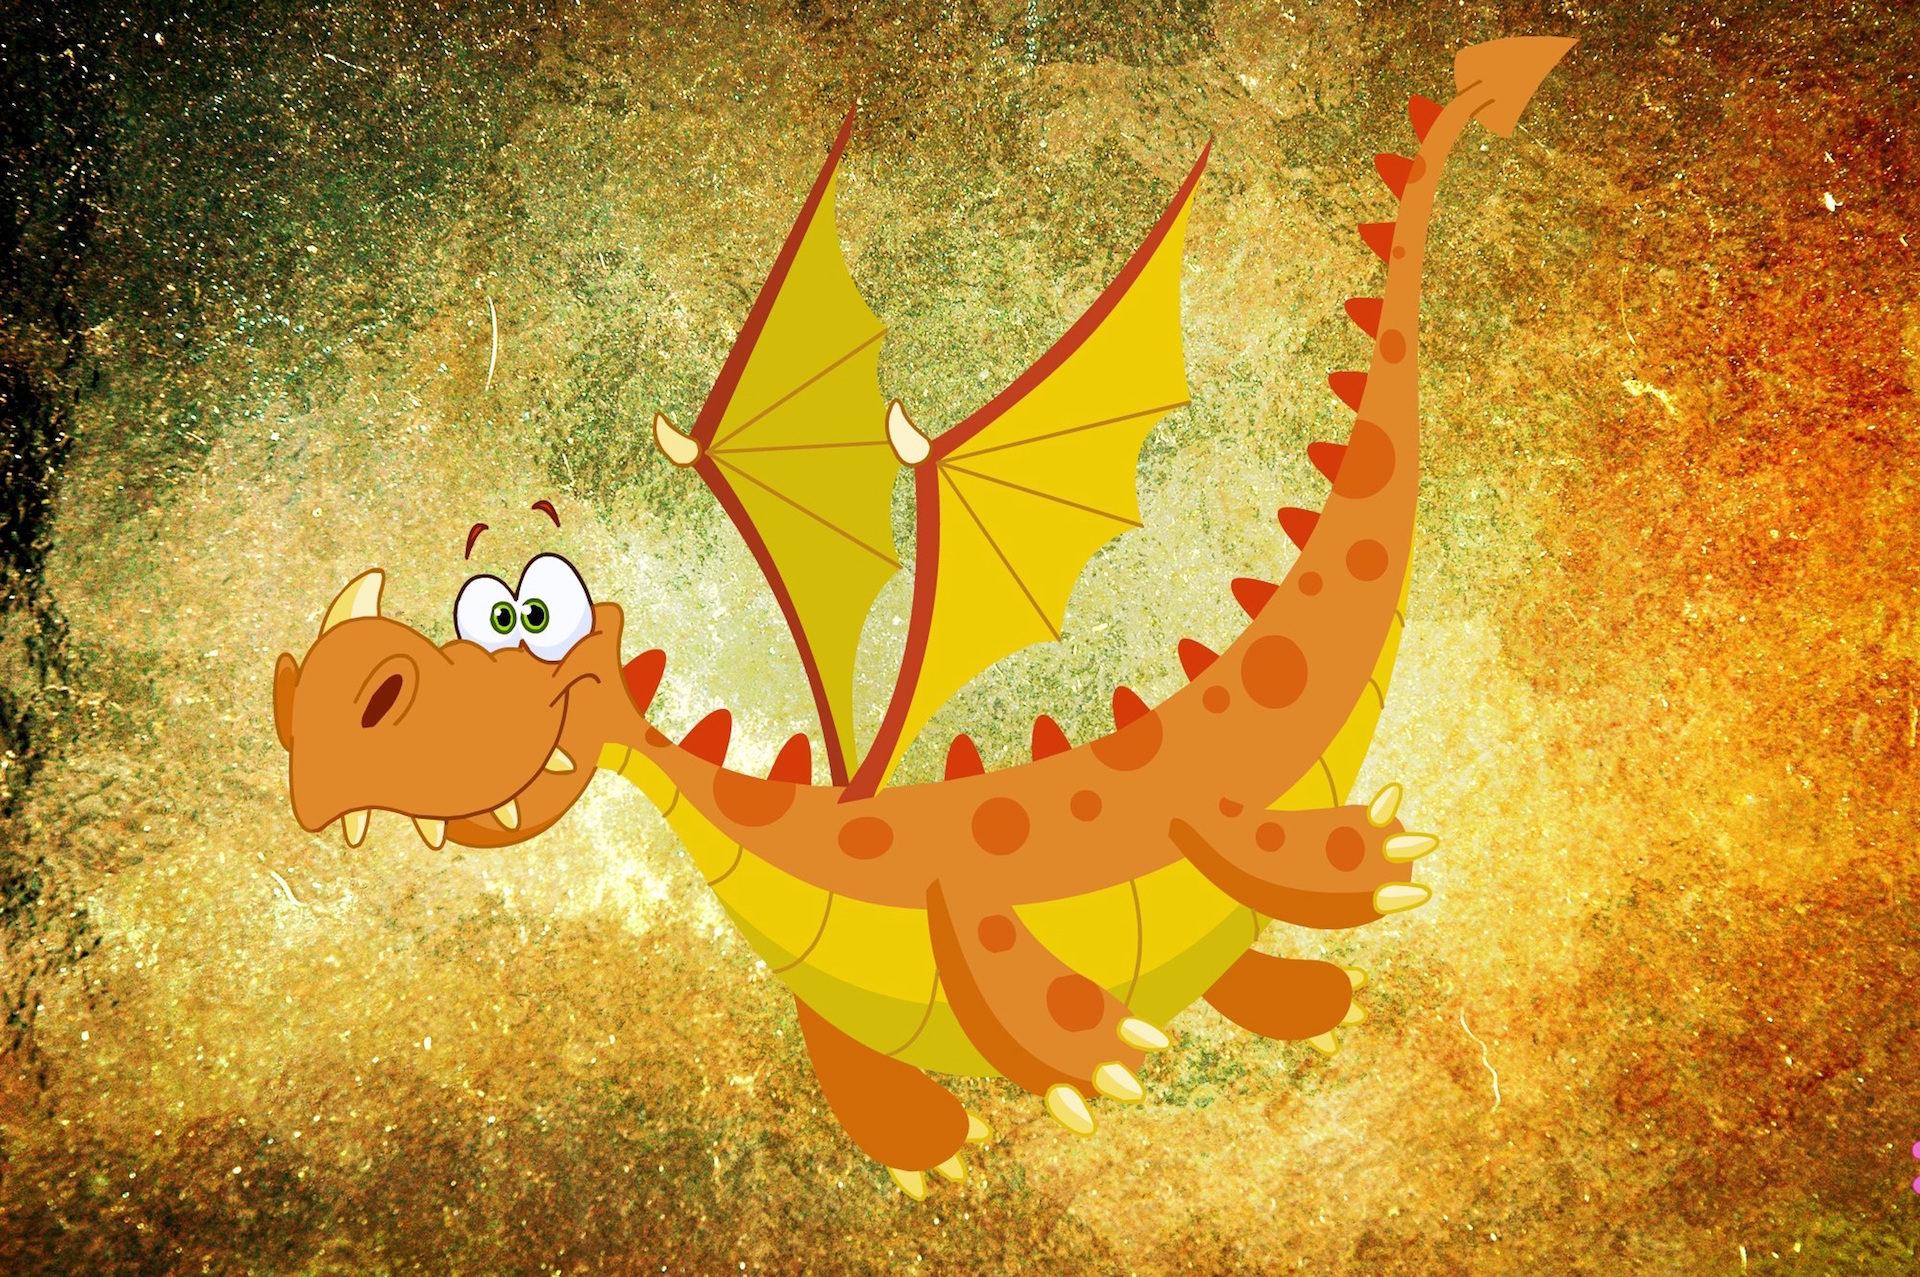 Dragão, comic, desenho, Monstro, asas - Papéis de parede HD - Professor-falken.com